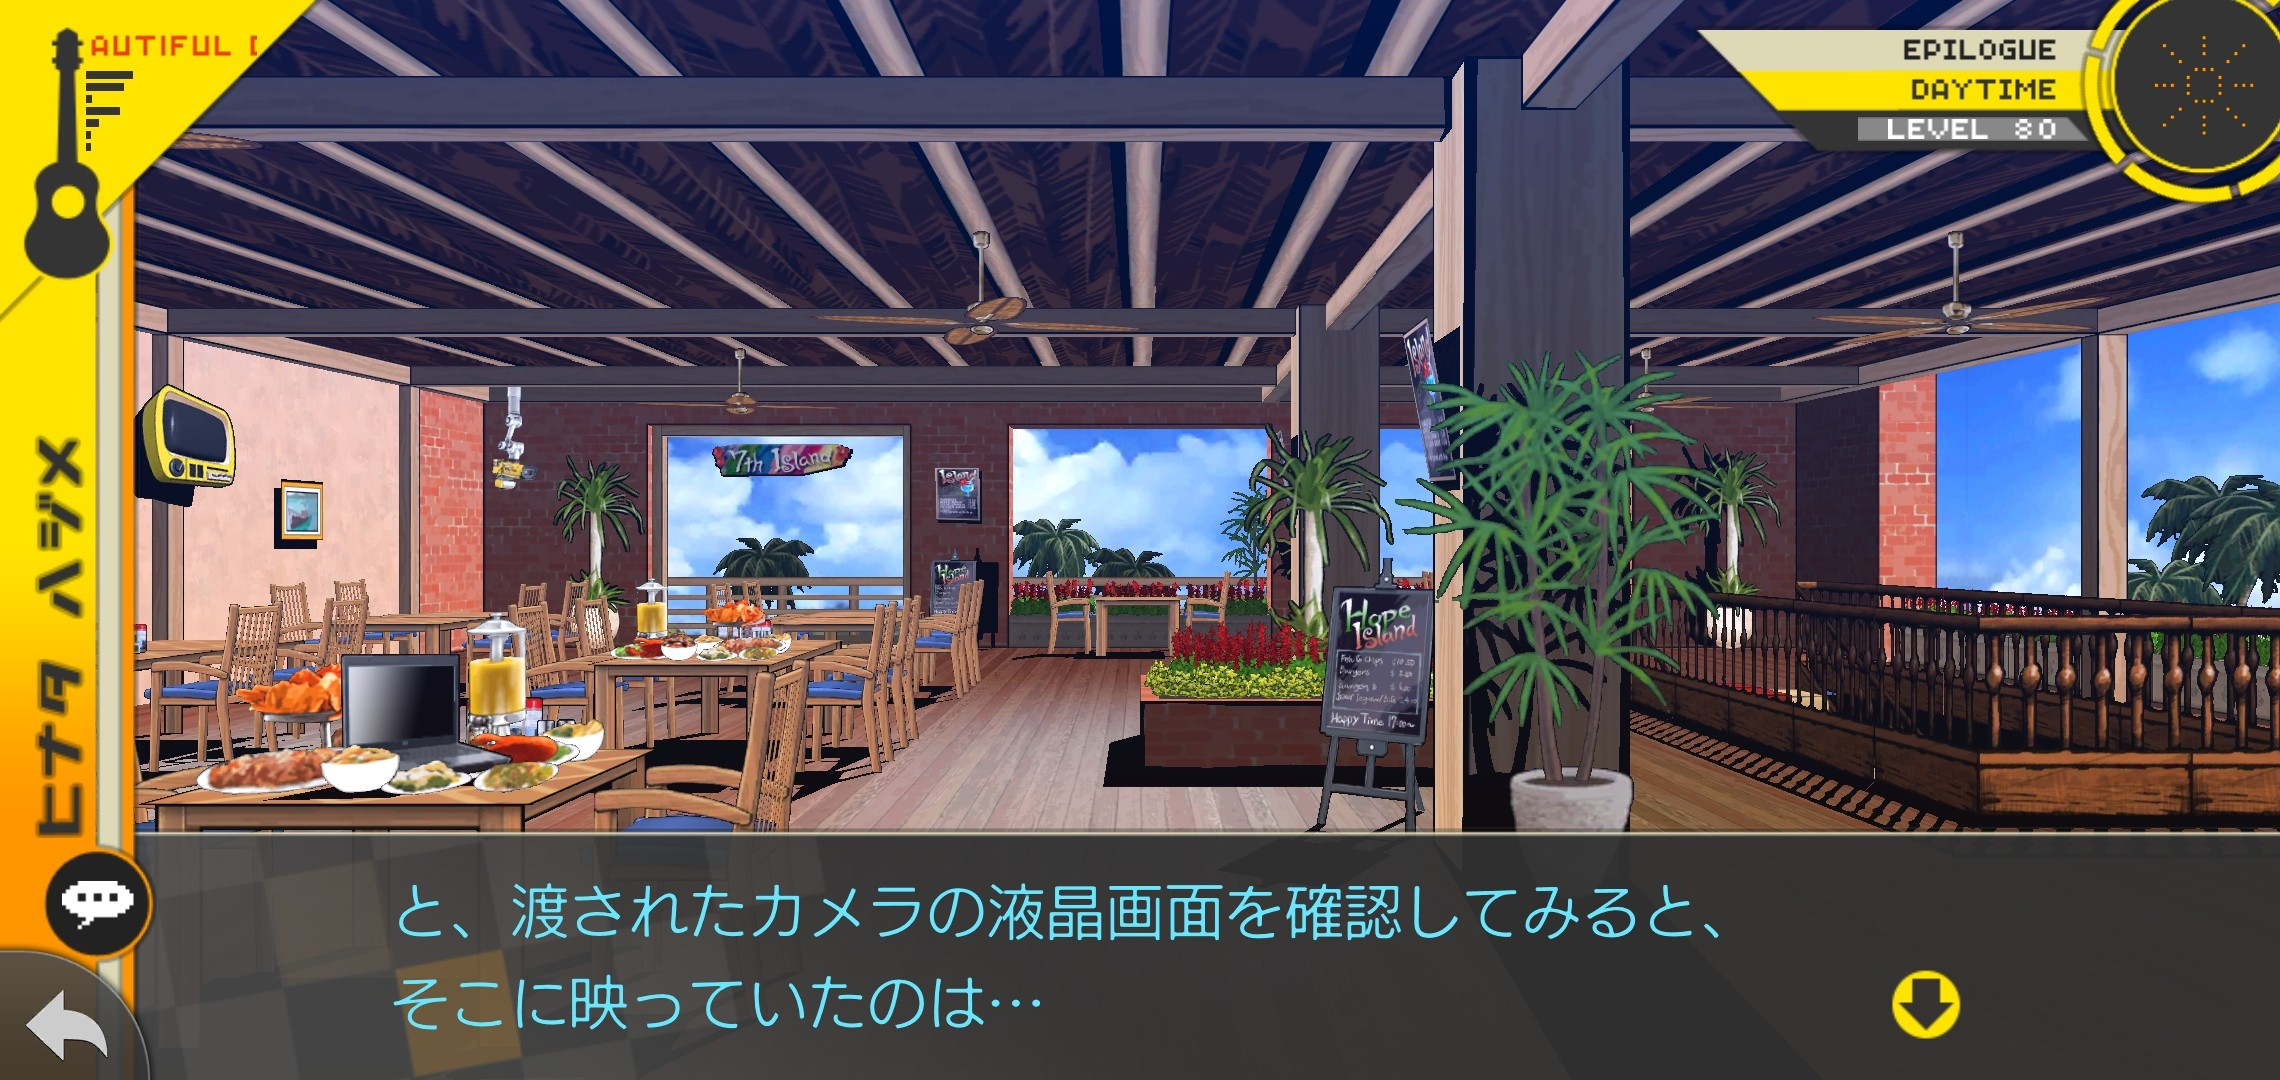 f:id:Rinburu:20201207225200j:plain